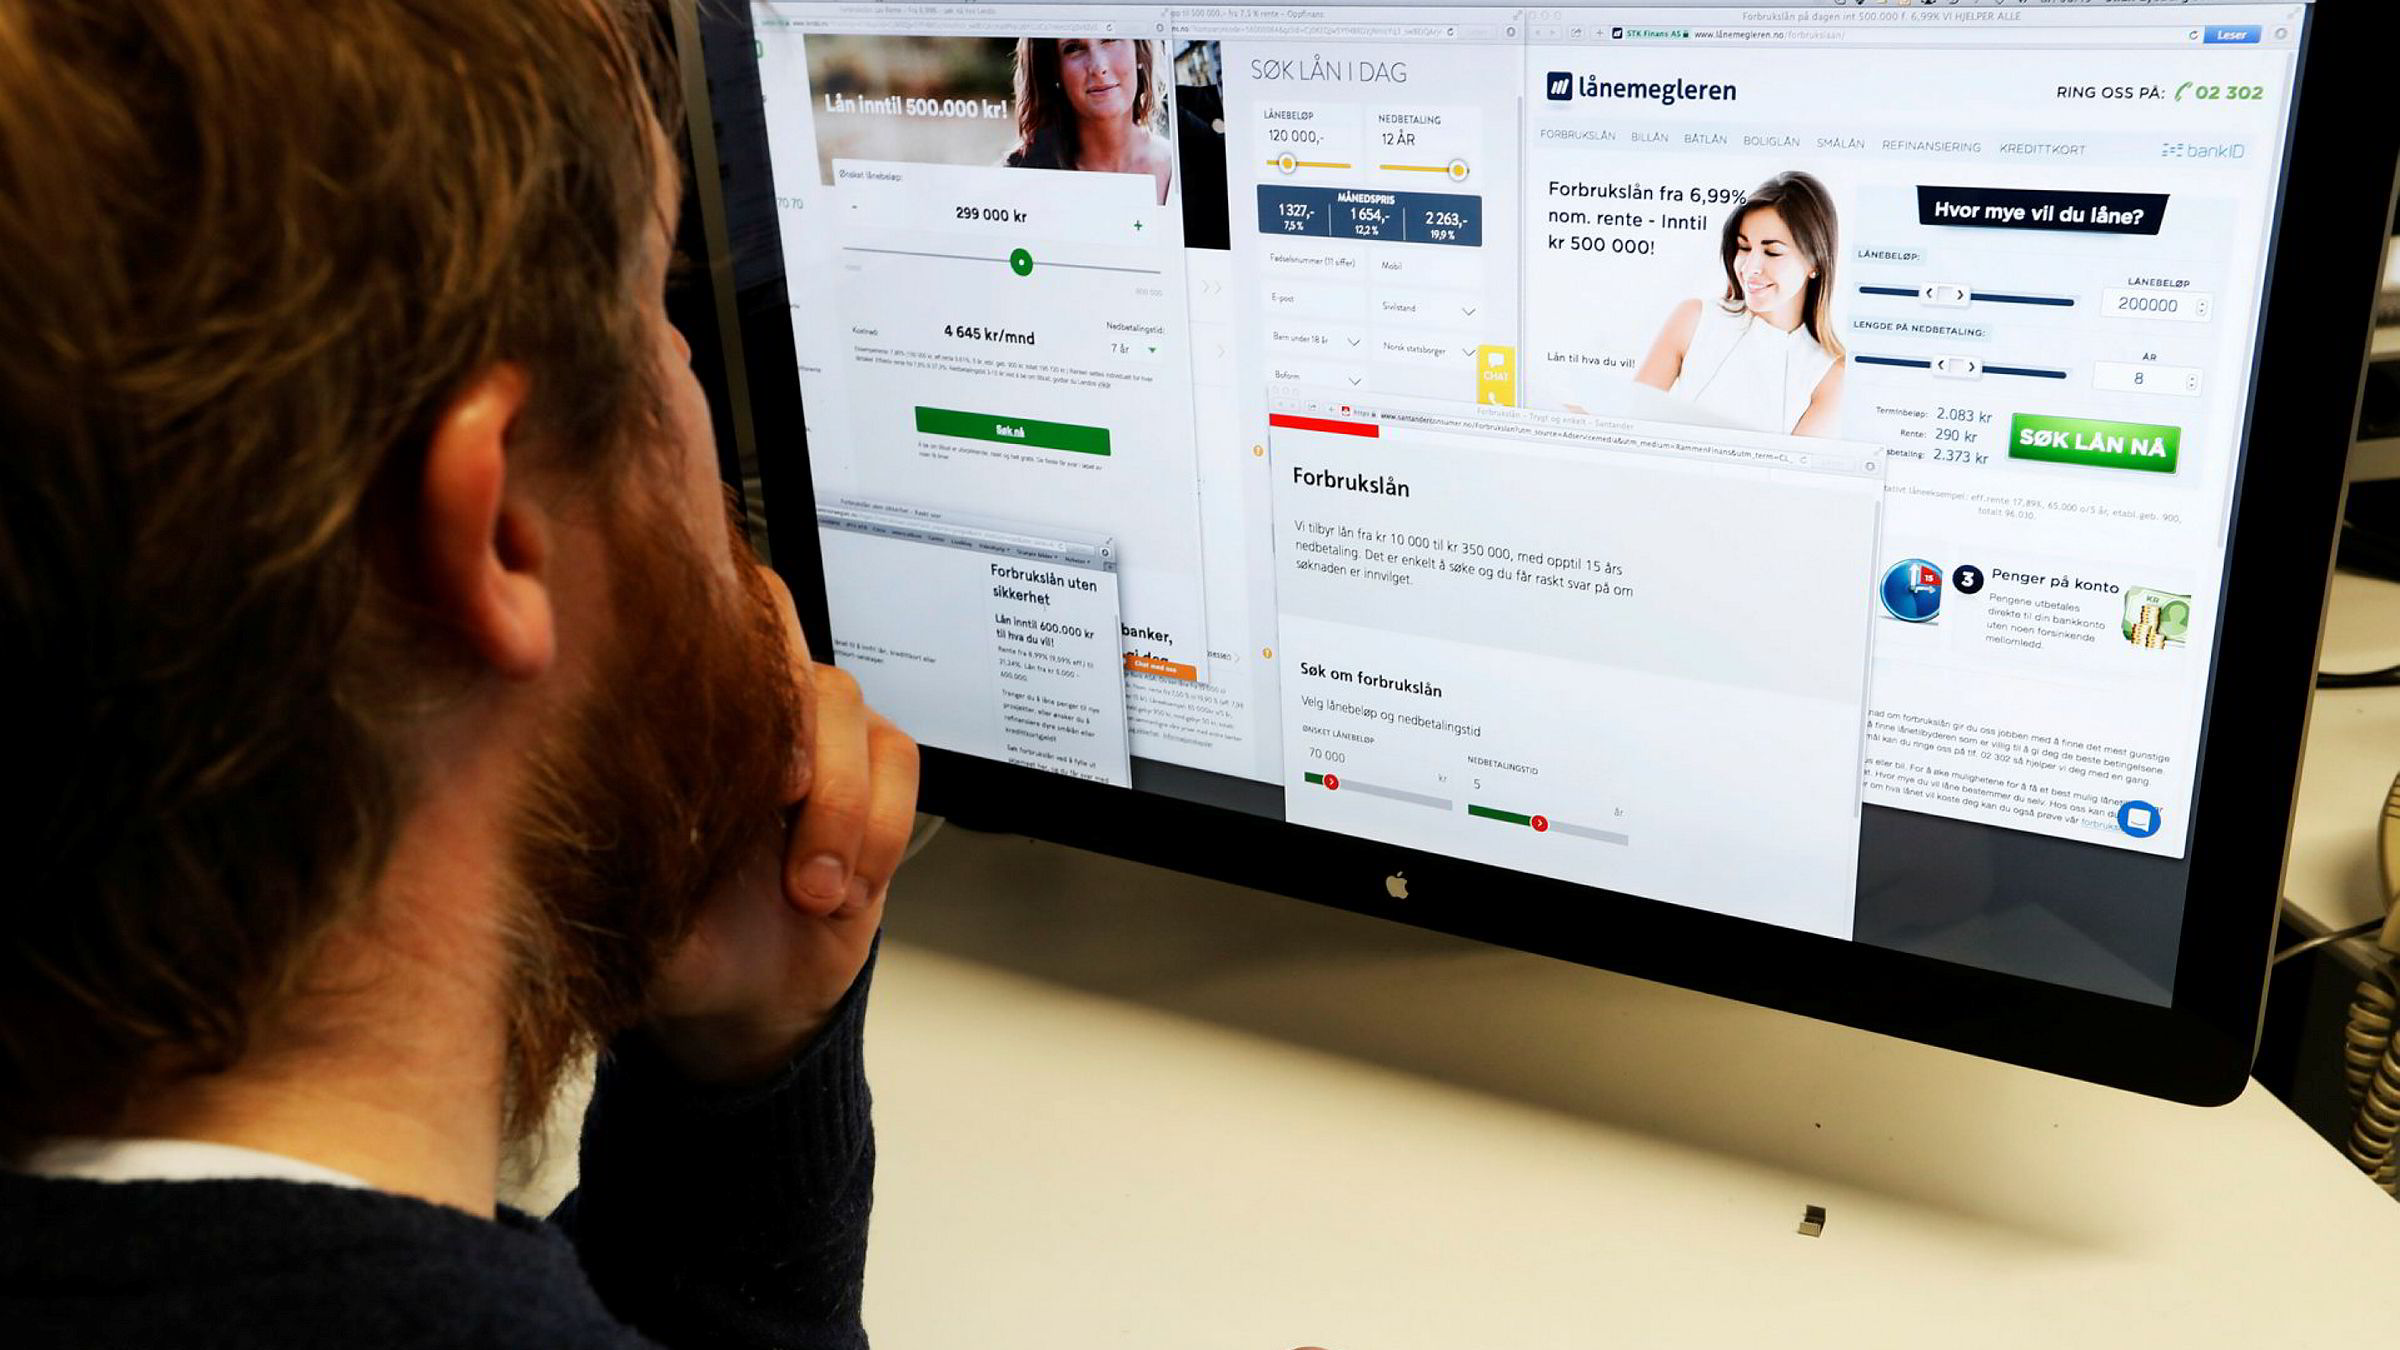 Faktisk.no inngår samarbeid med Forbrukerinspektørene på NRK om å faktasjekke reklame.